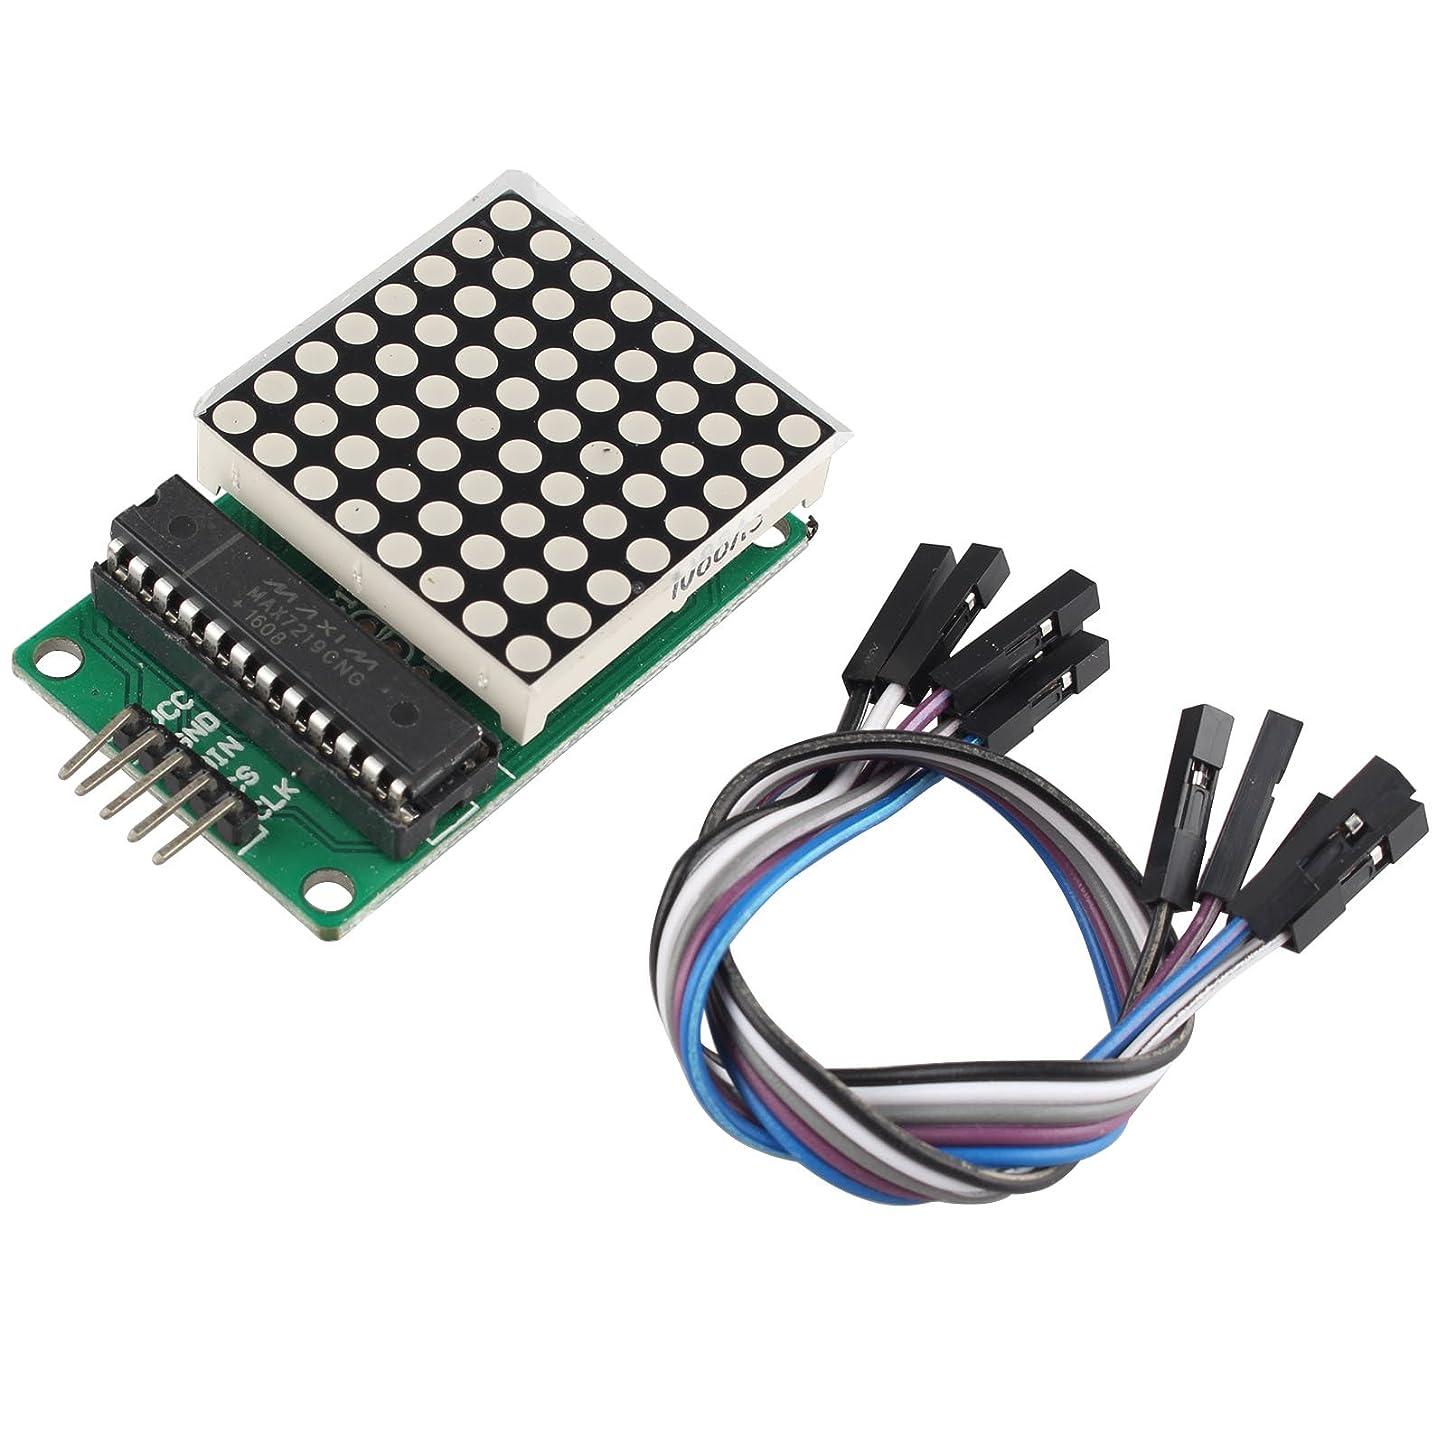 基本的なワーディアンケース充実MAX7219 ドットマトリックスモジュールDIYキット コントロールディスプレイ LED DIY デュポンケーブルで